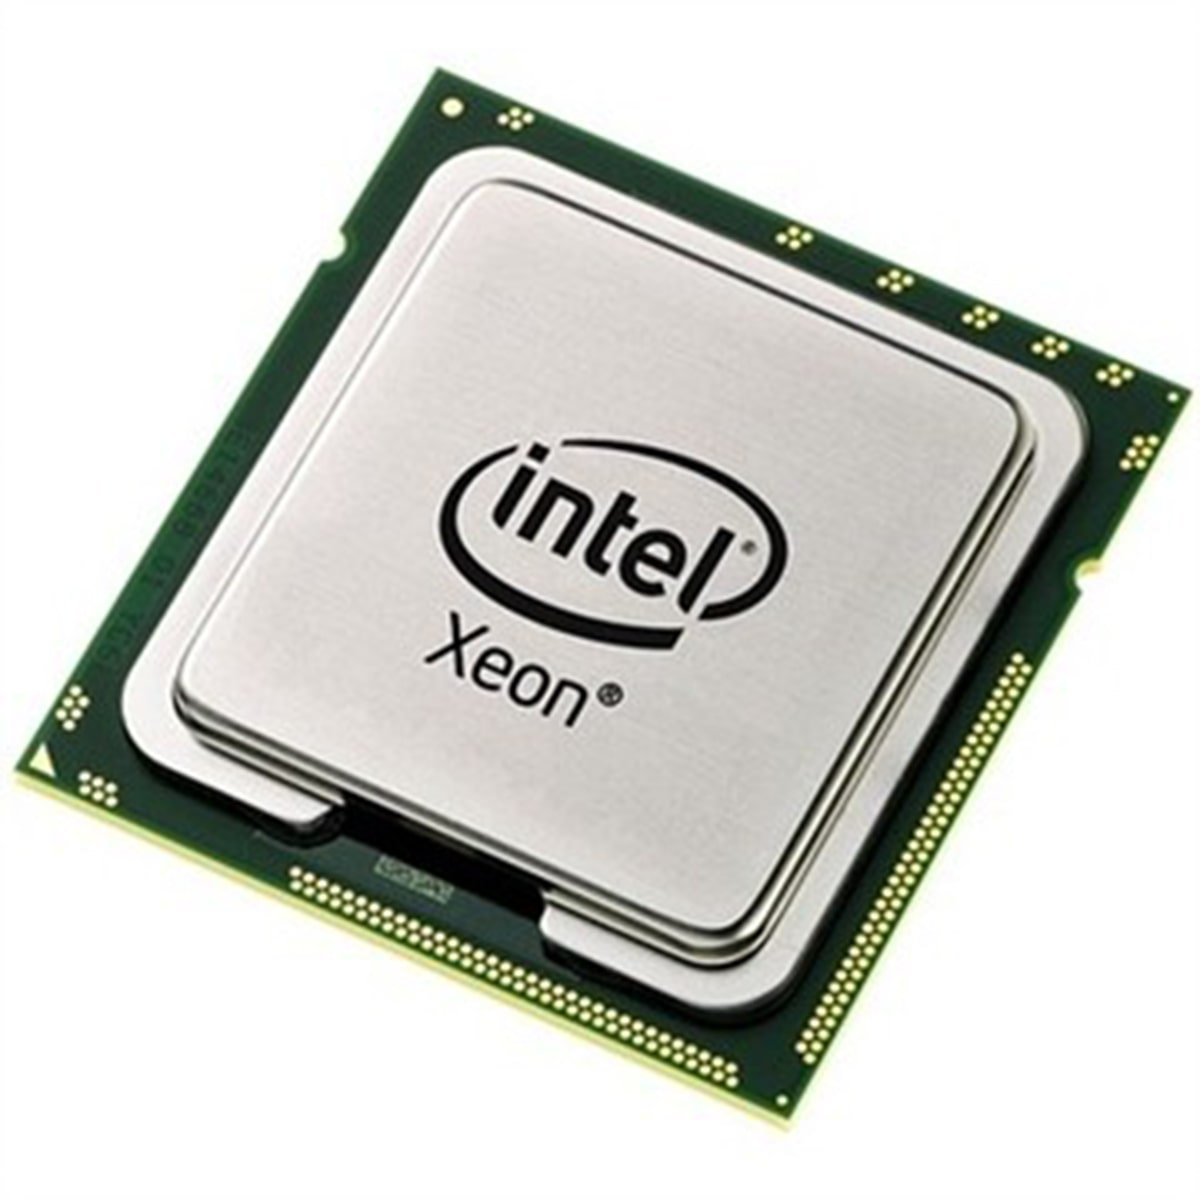 Processador Intel Xeon E5310 8M Cache / 1.60 GHz / 1066 MHz - Seminovo